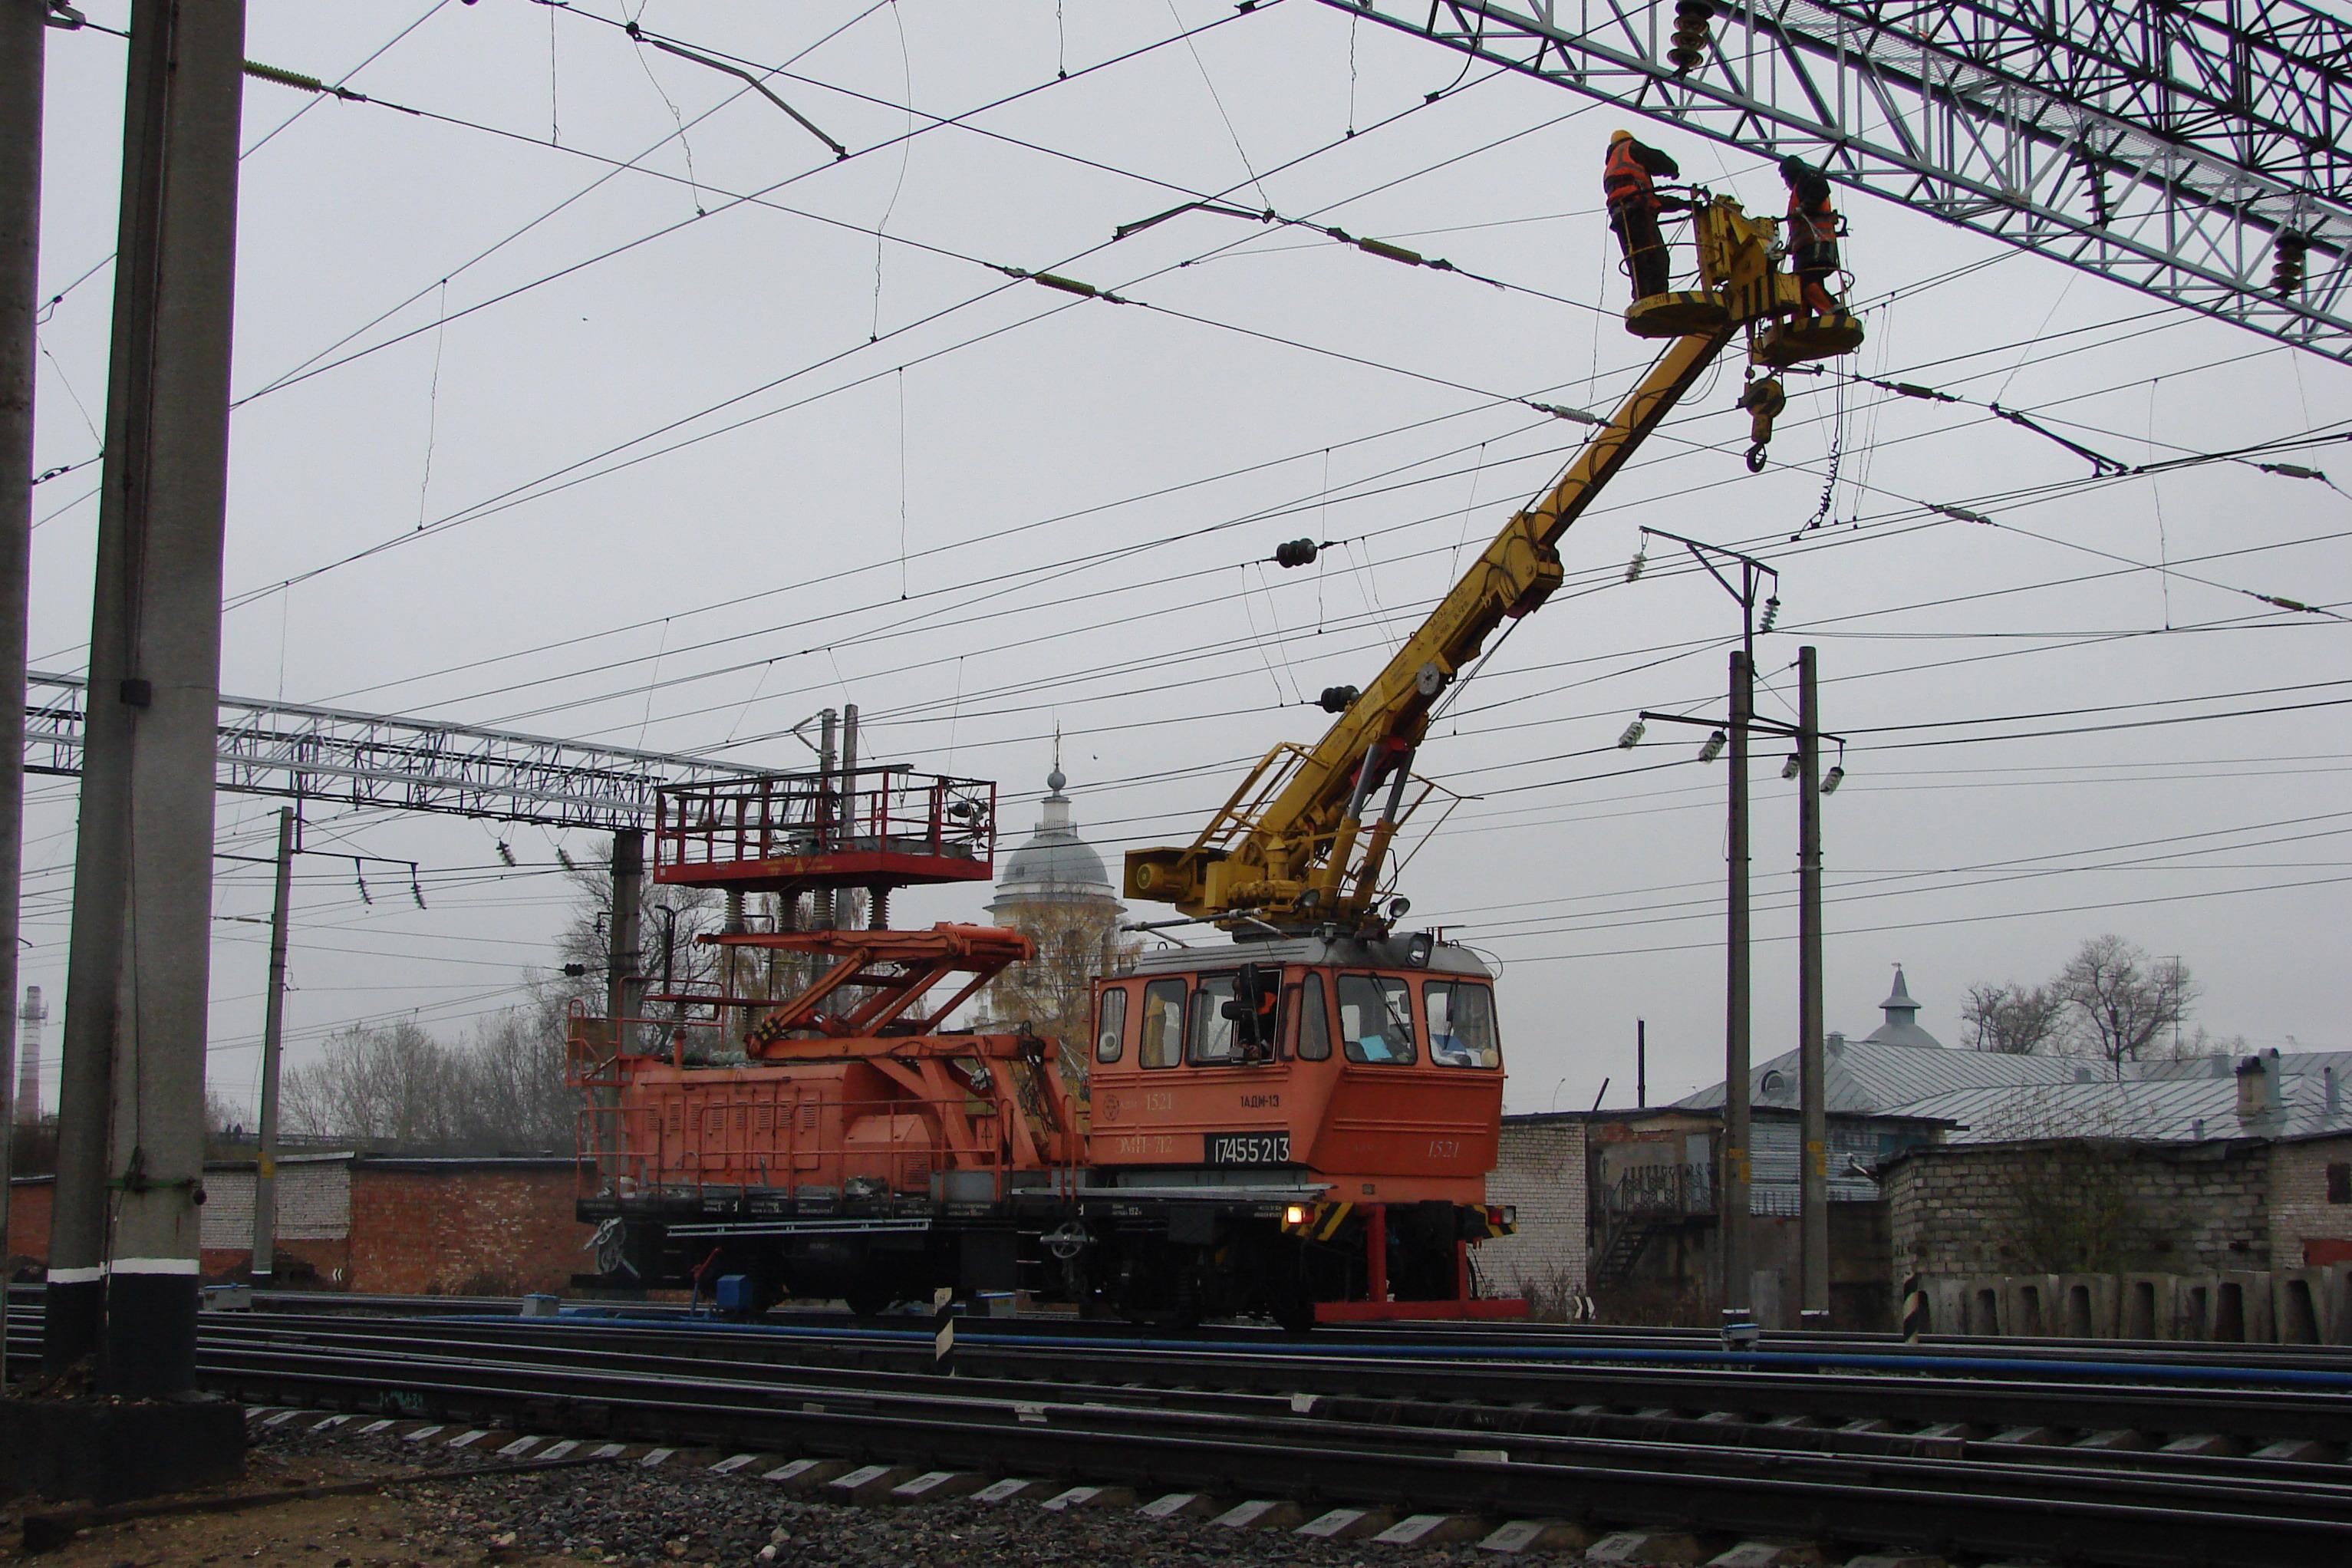 картинки электрики поезда считает, что модель